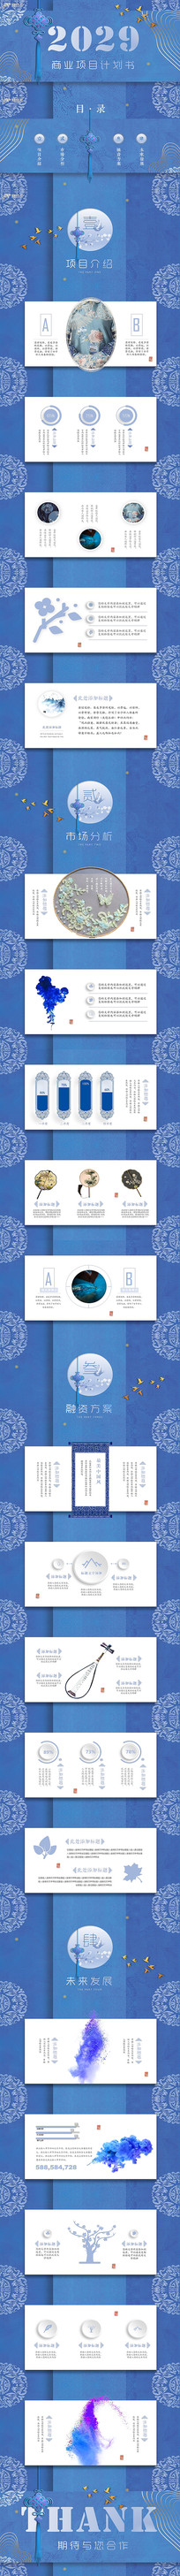 国潮中国风烫银名片竖版商业项目计划书PPT